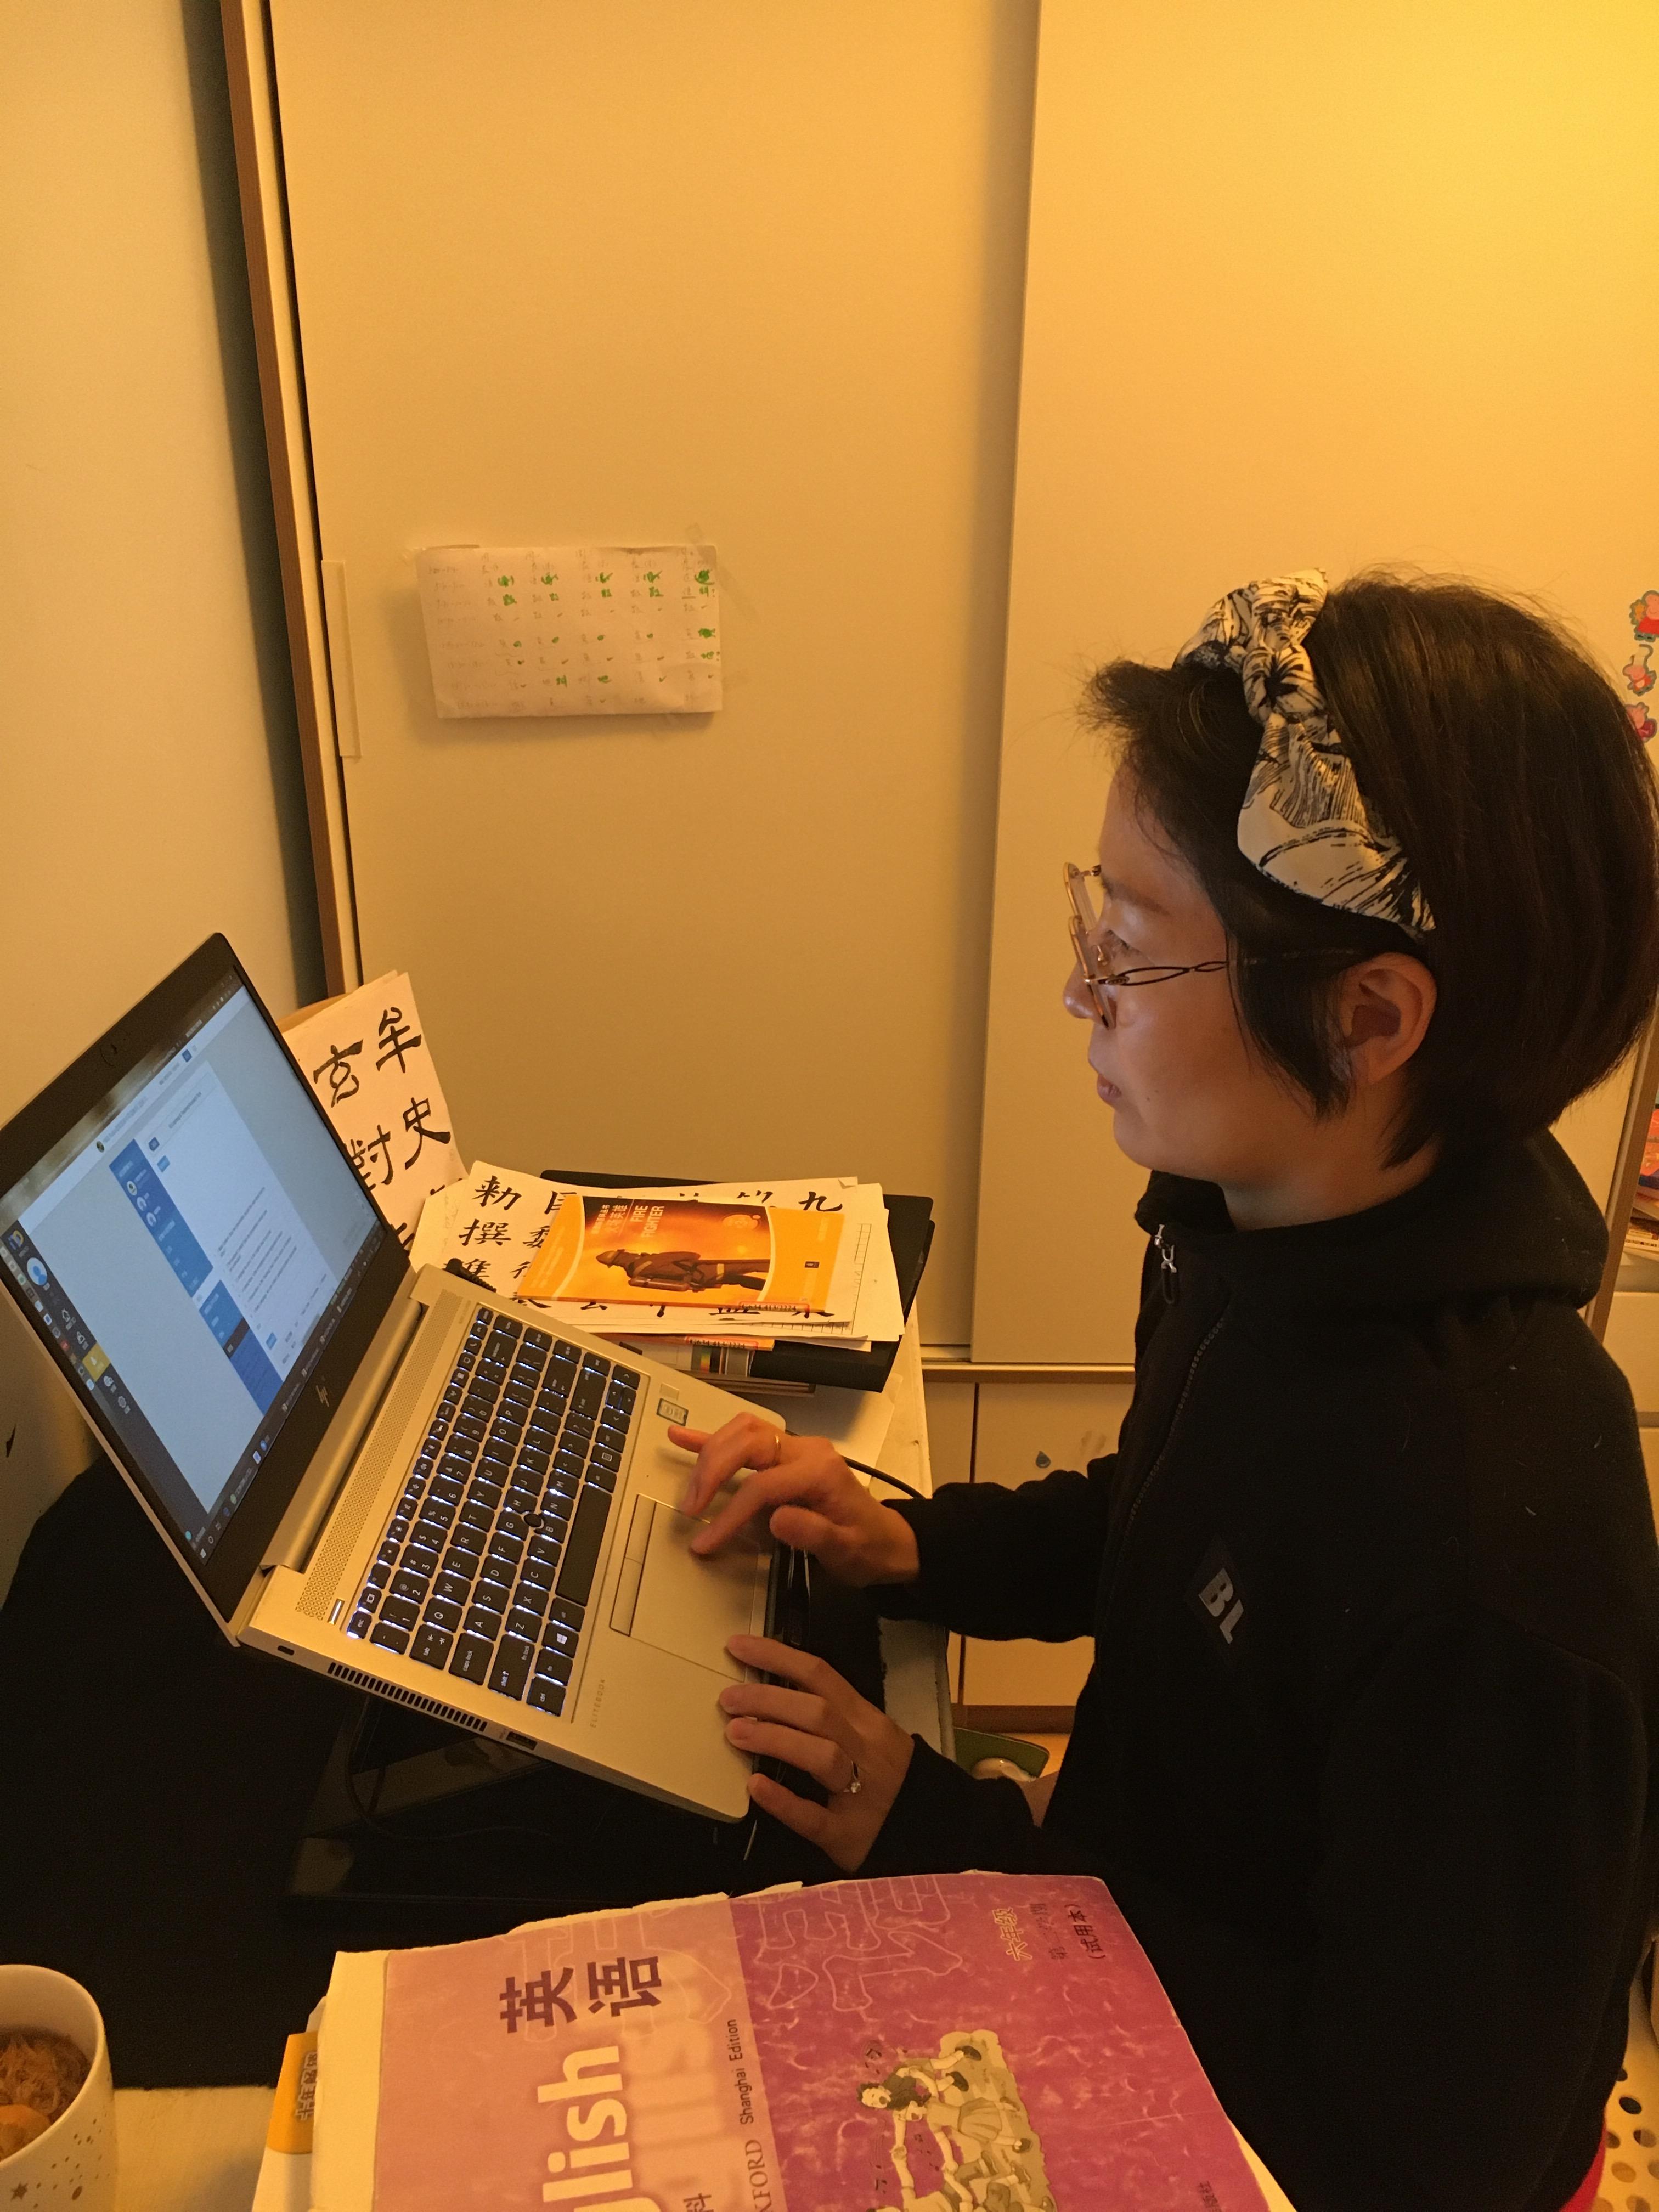 1 - 普陀区初中英语教师口语听力能力培训线上研修